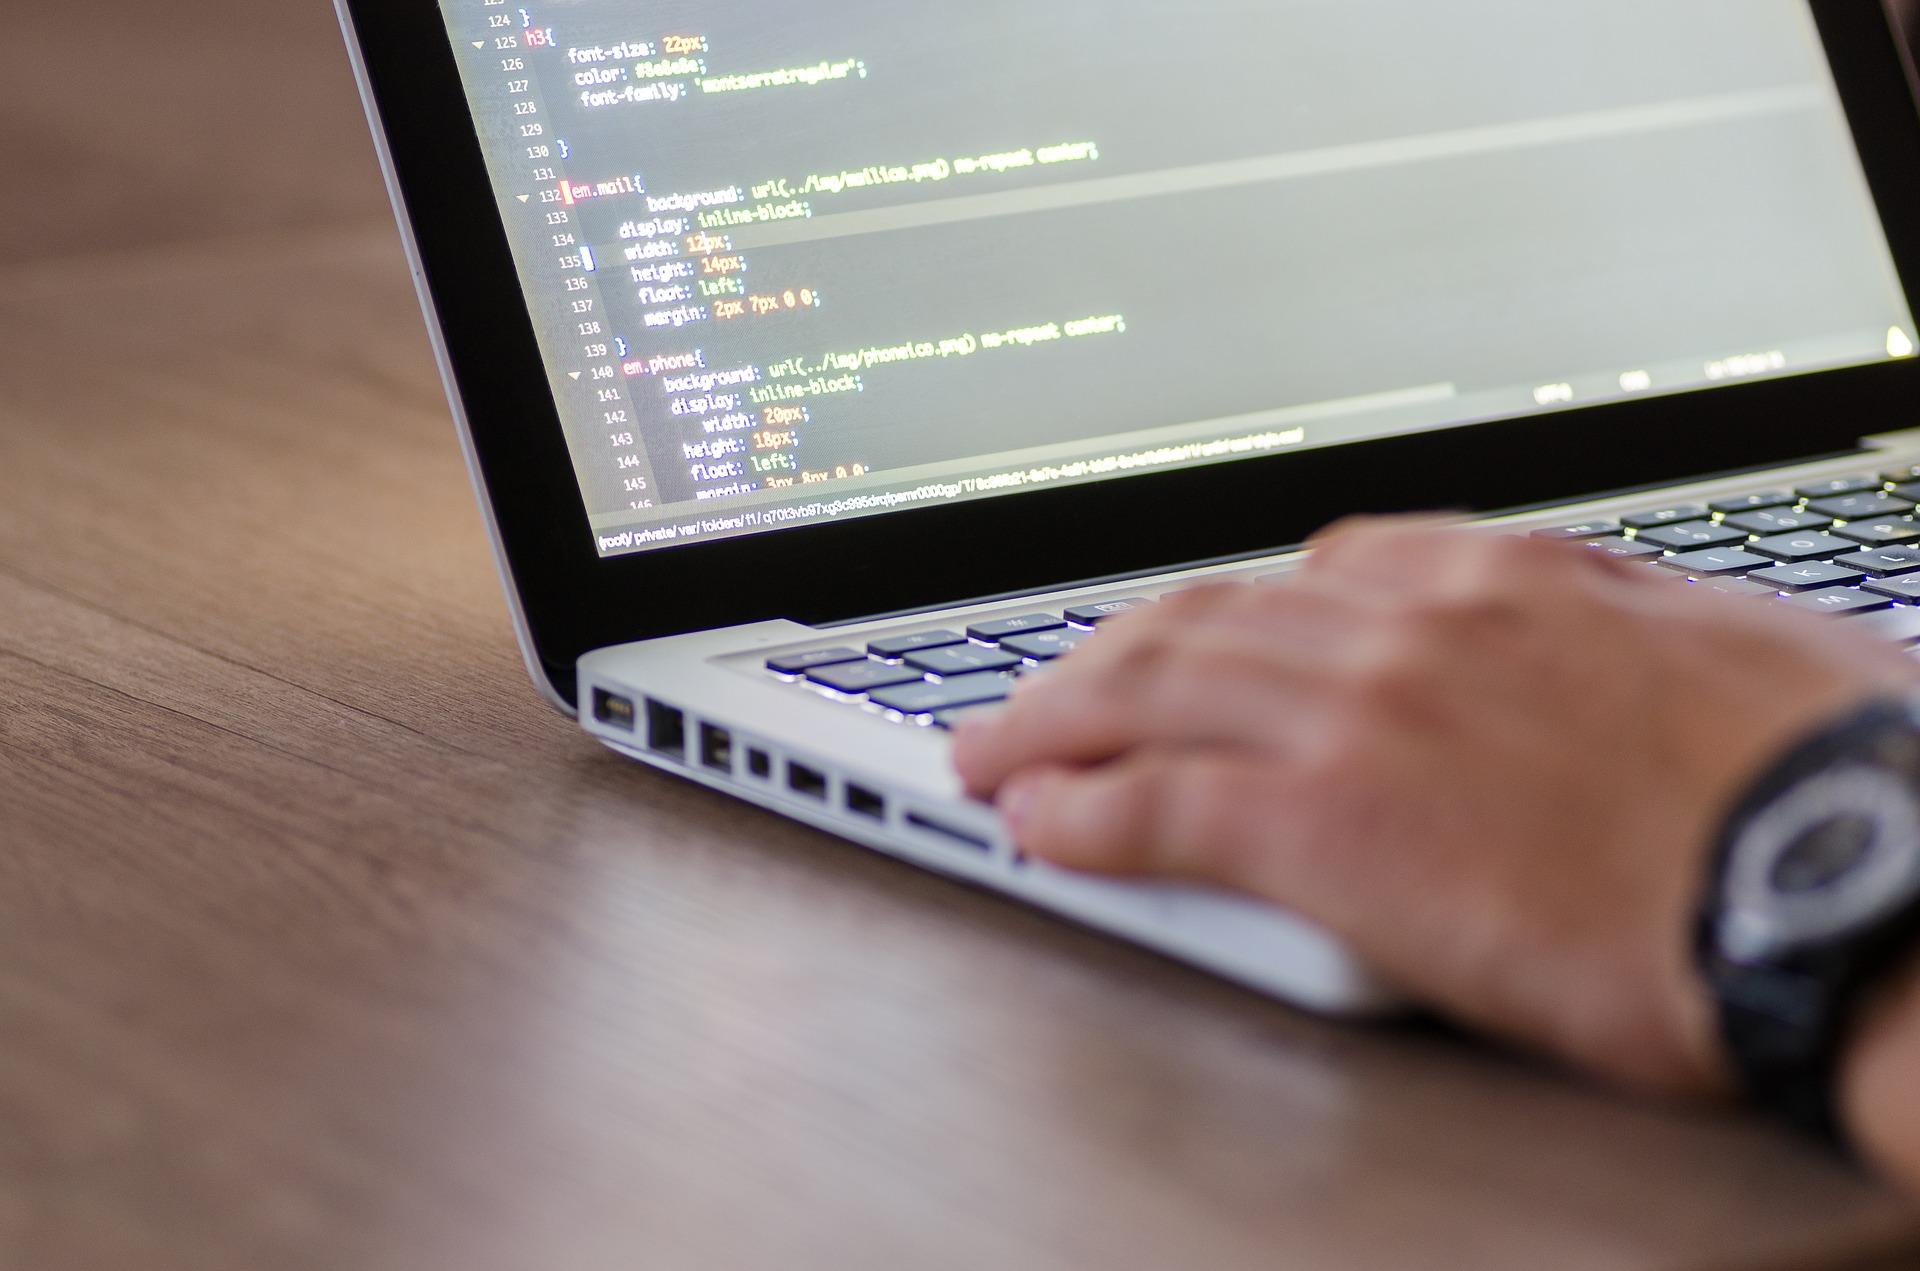 エンジニアが勉強すべきプログラミング言語情報:Dartイメージ画像